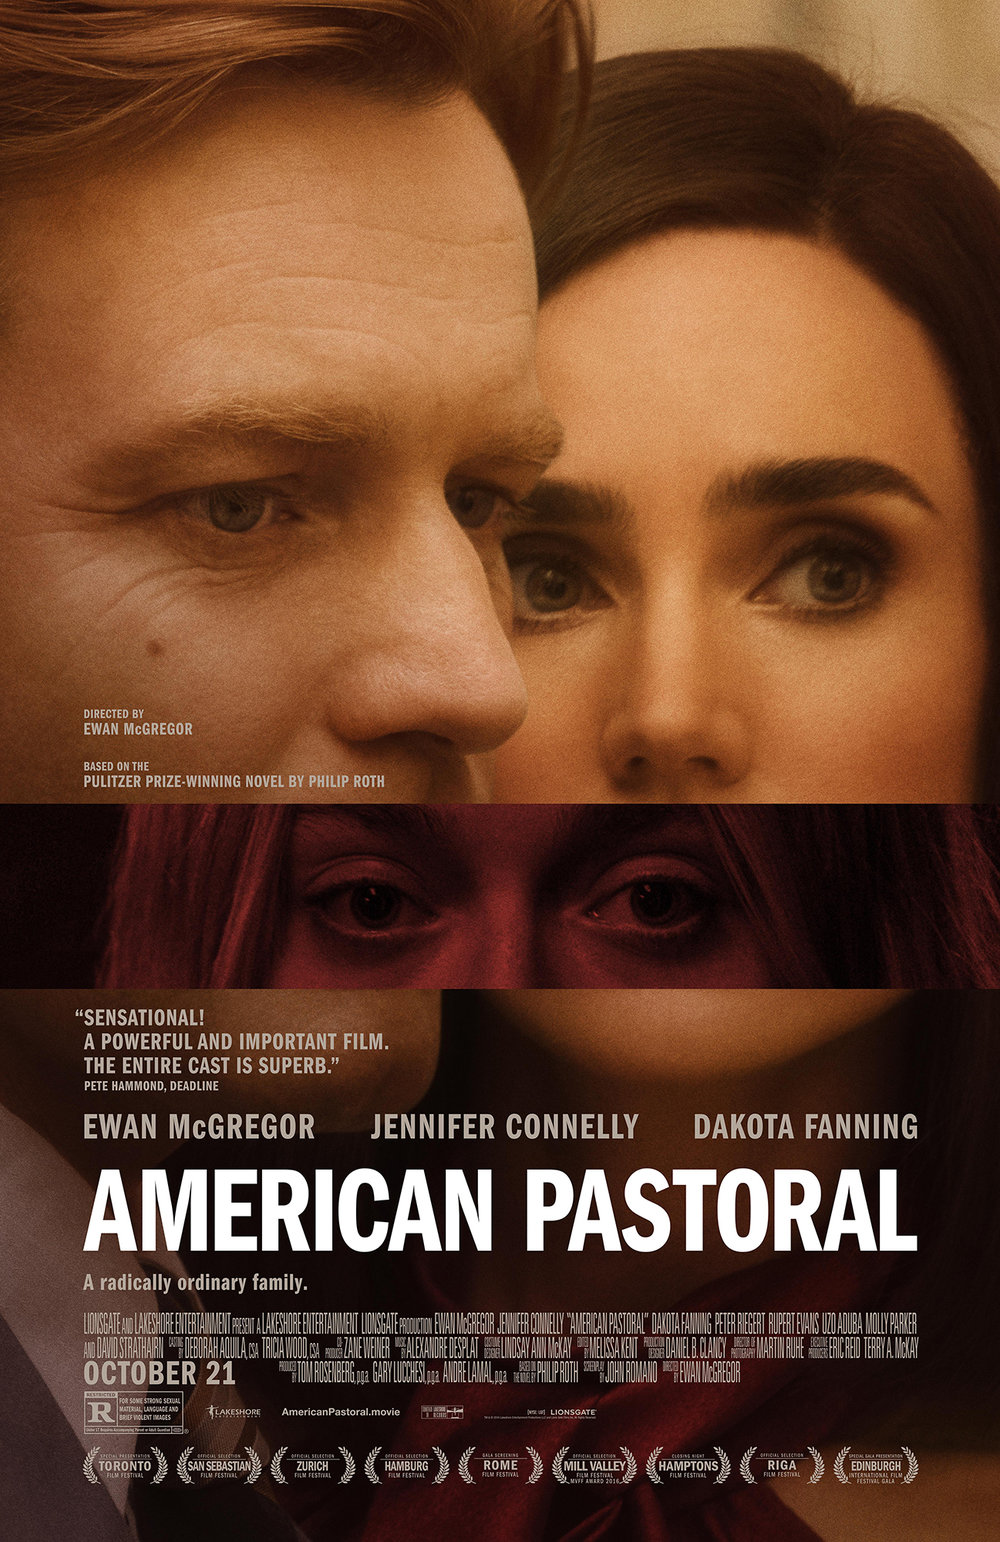 AmericanPastoral_1Sht_Payoff2_VF_100dpi.jpg